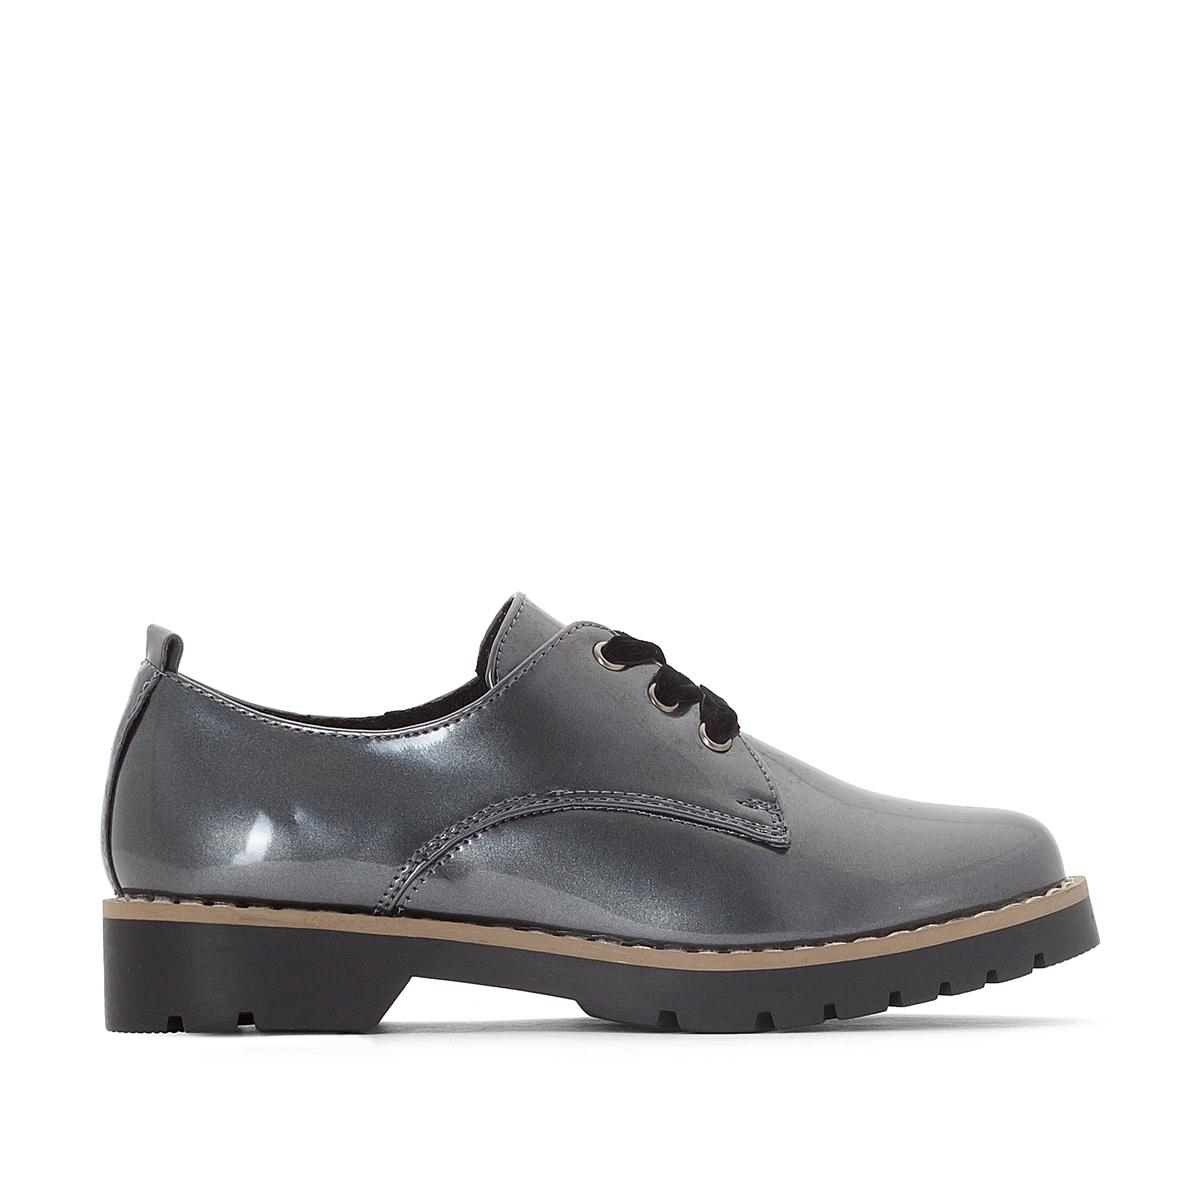 Ботинки-дерби металлизированные с велюровой шнуровкой 30-39Детали •  Ботинки-дерби •  Высота каблука : 1 см •  Застежка : шнуровка •  Круглый мысокСостав и уход •  Верх 100% синтетический материал •  Подкладка 100% текстиль •  Подошва 100% эластомер<br><br>Цвет: темно-серый<br>Размер: 39.38.36.35.33.32.31.30